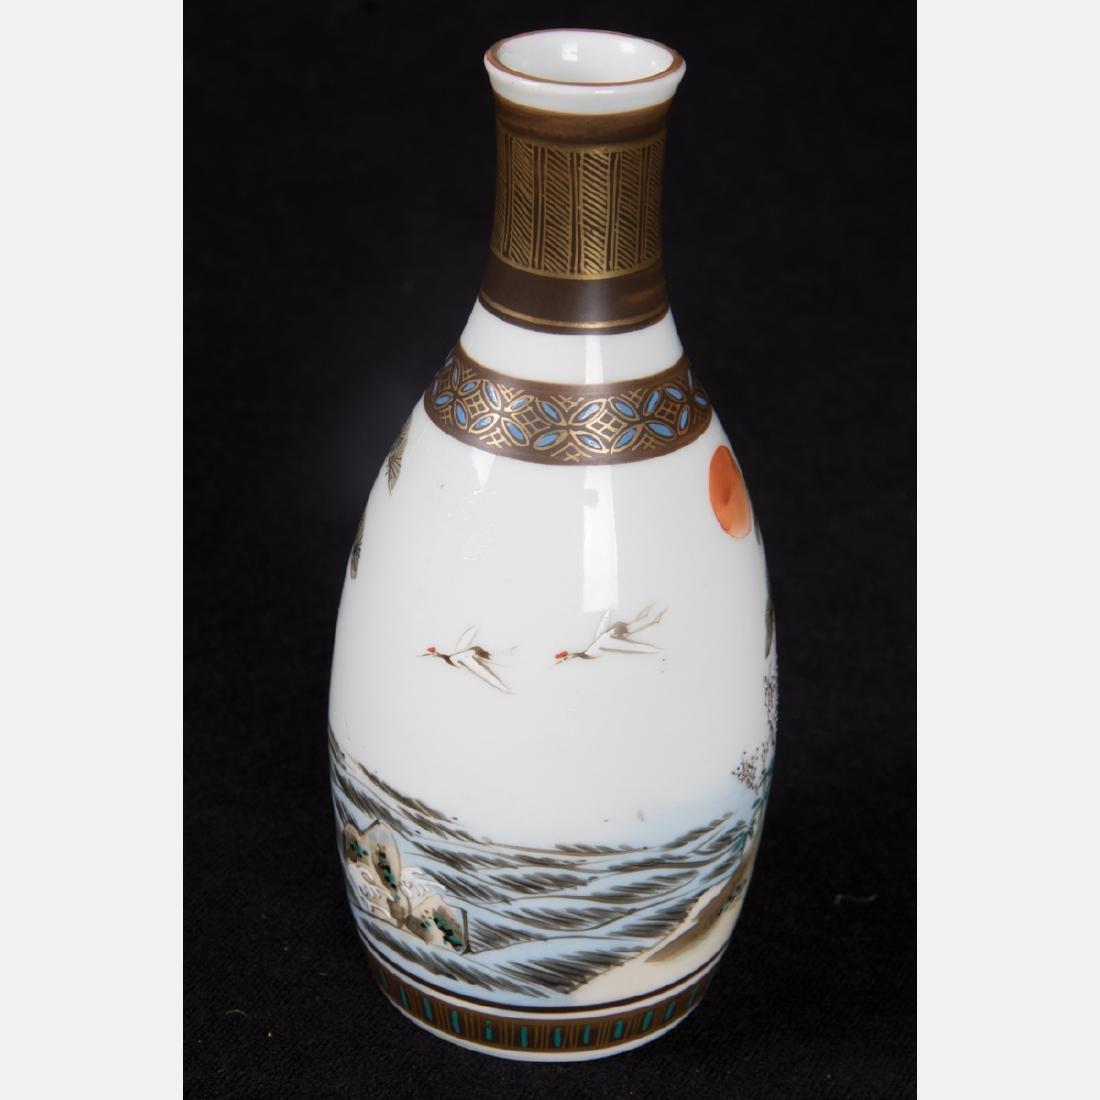 A Group of Five Japanese Porcelain Sake Bottles of - 5